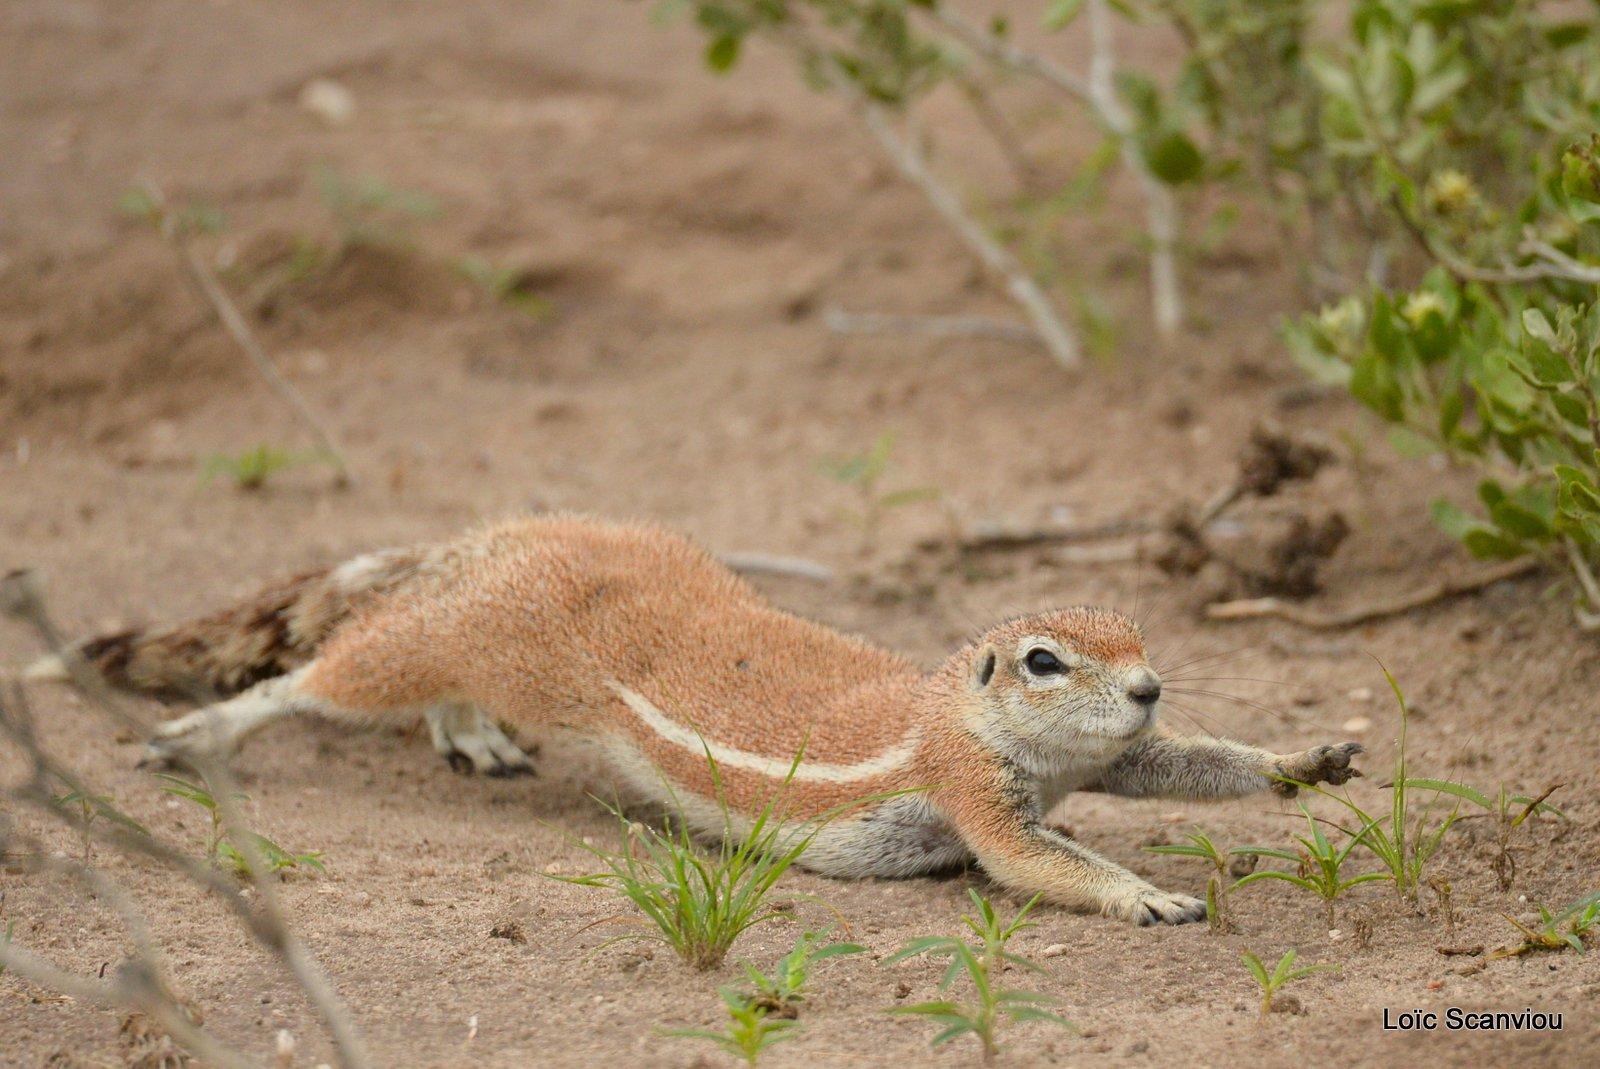 Écureuil terrestre du Cap/Cape Ground Squirrel (4)